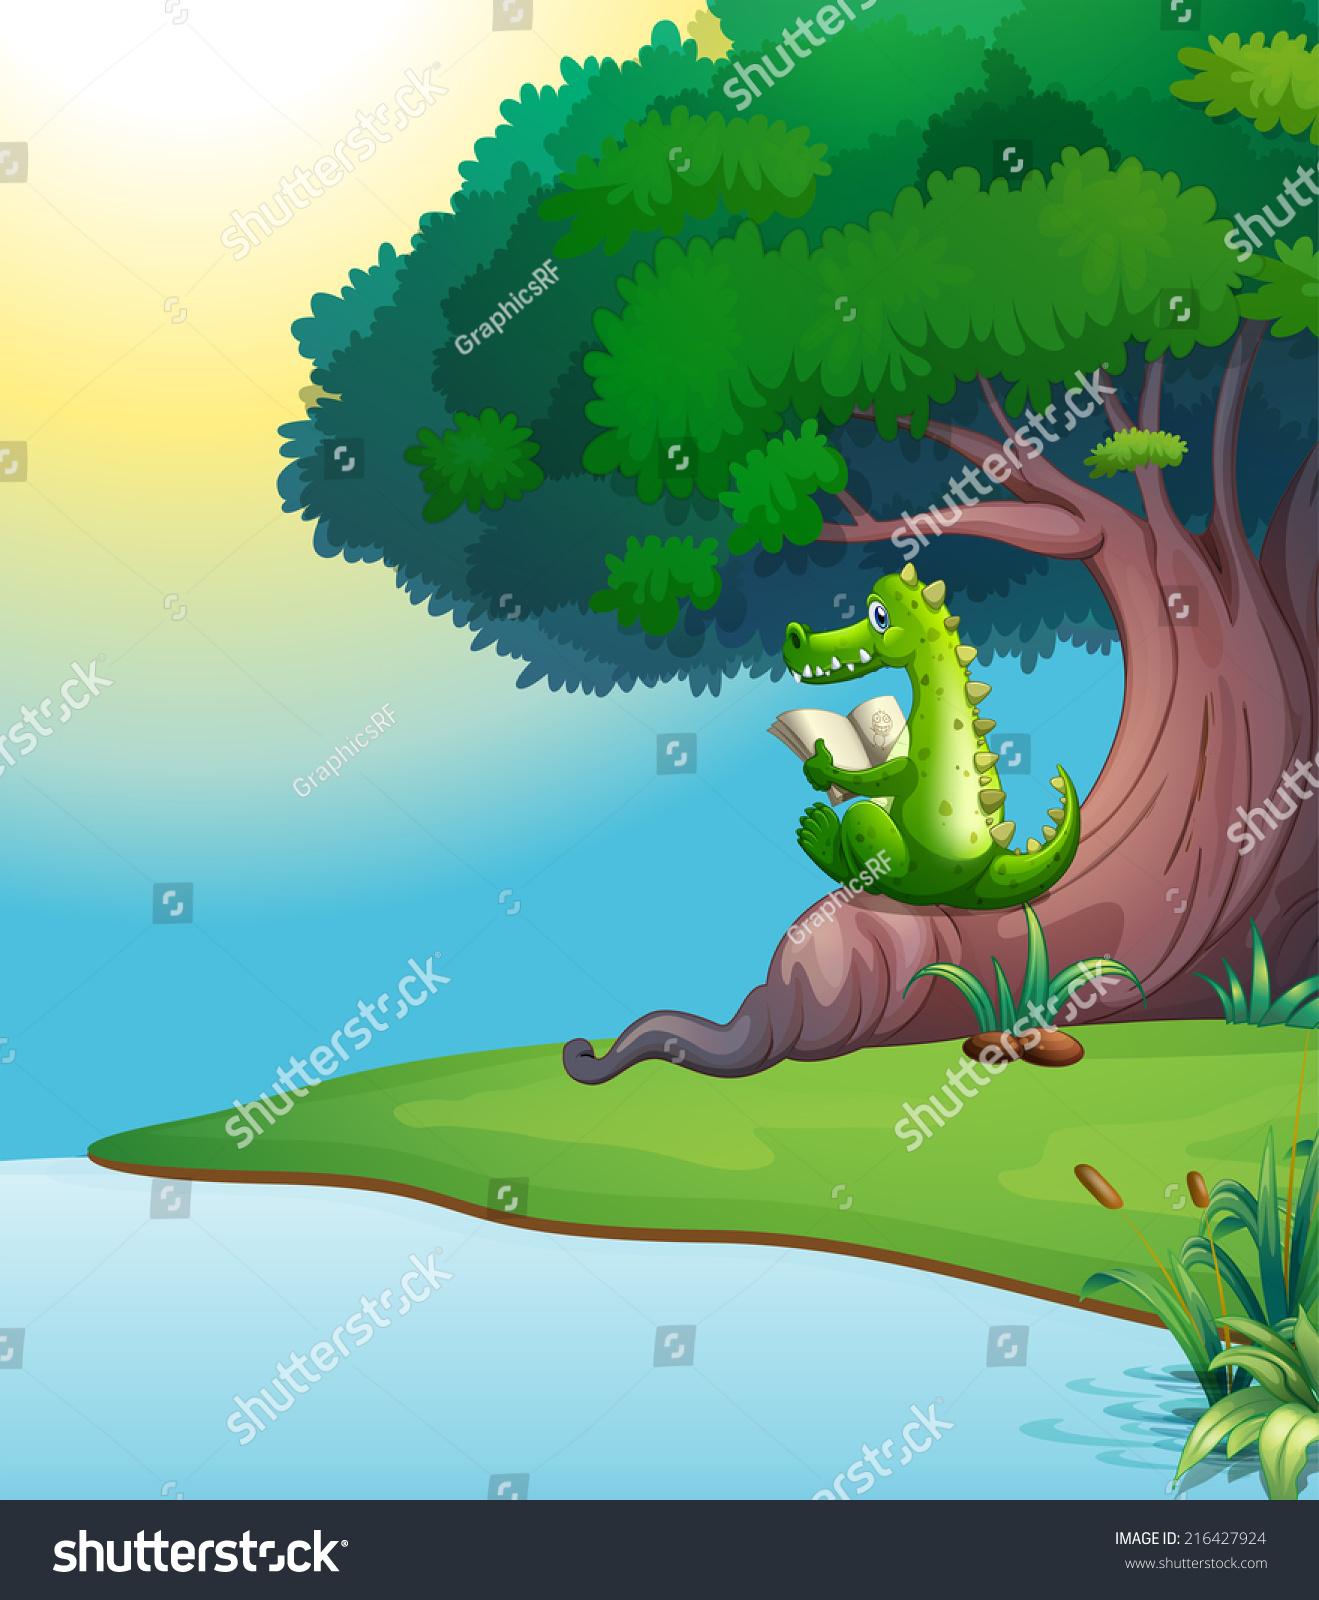 插图的鳄鱼在树下看书-动物/野生生物-海洛创意()-合.图片